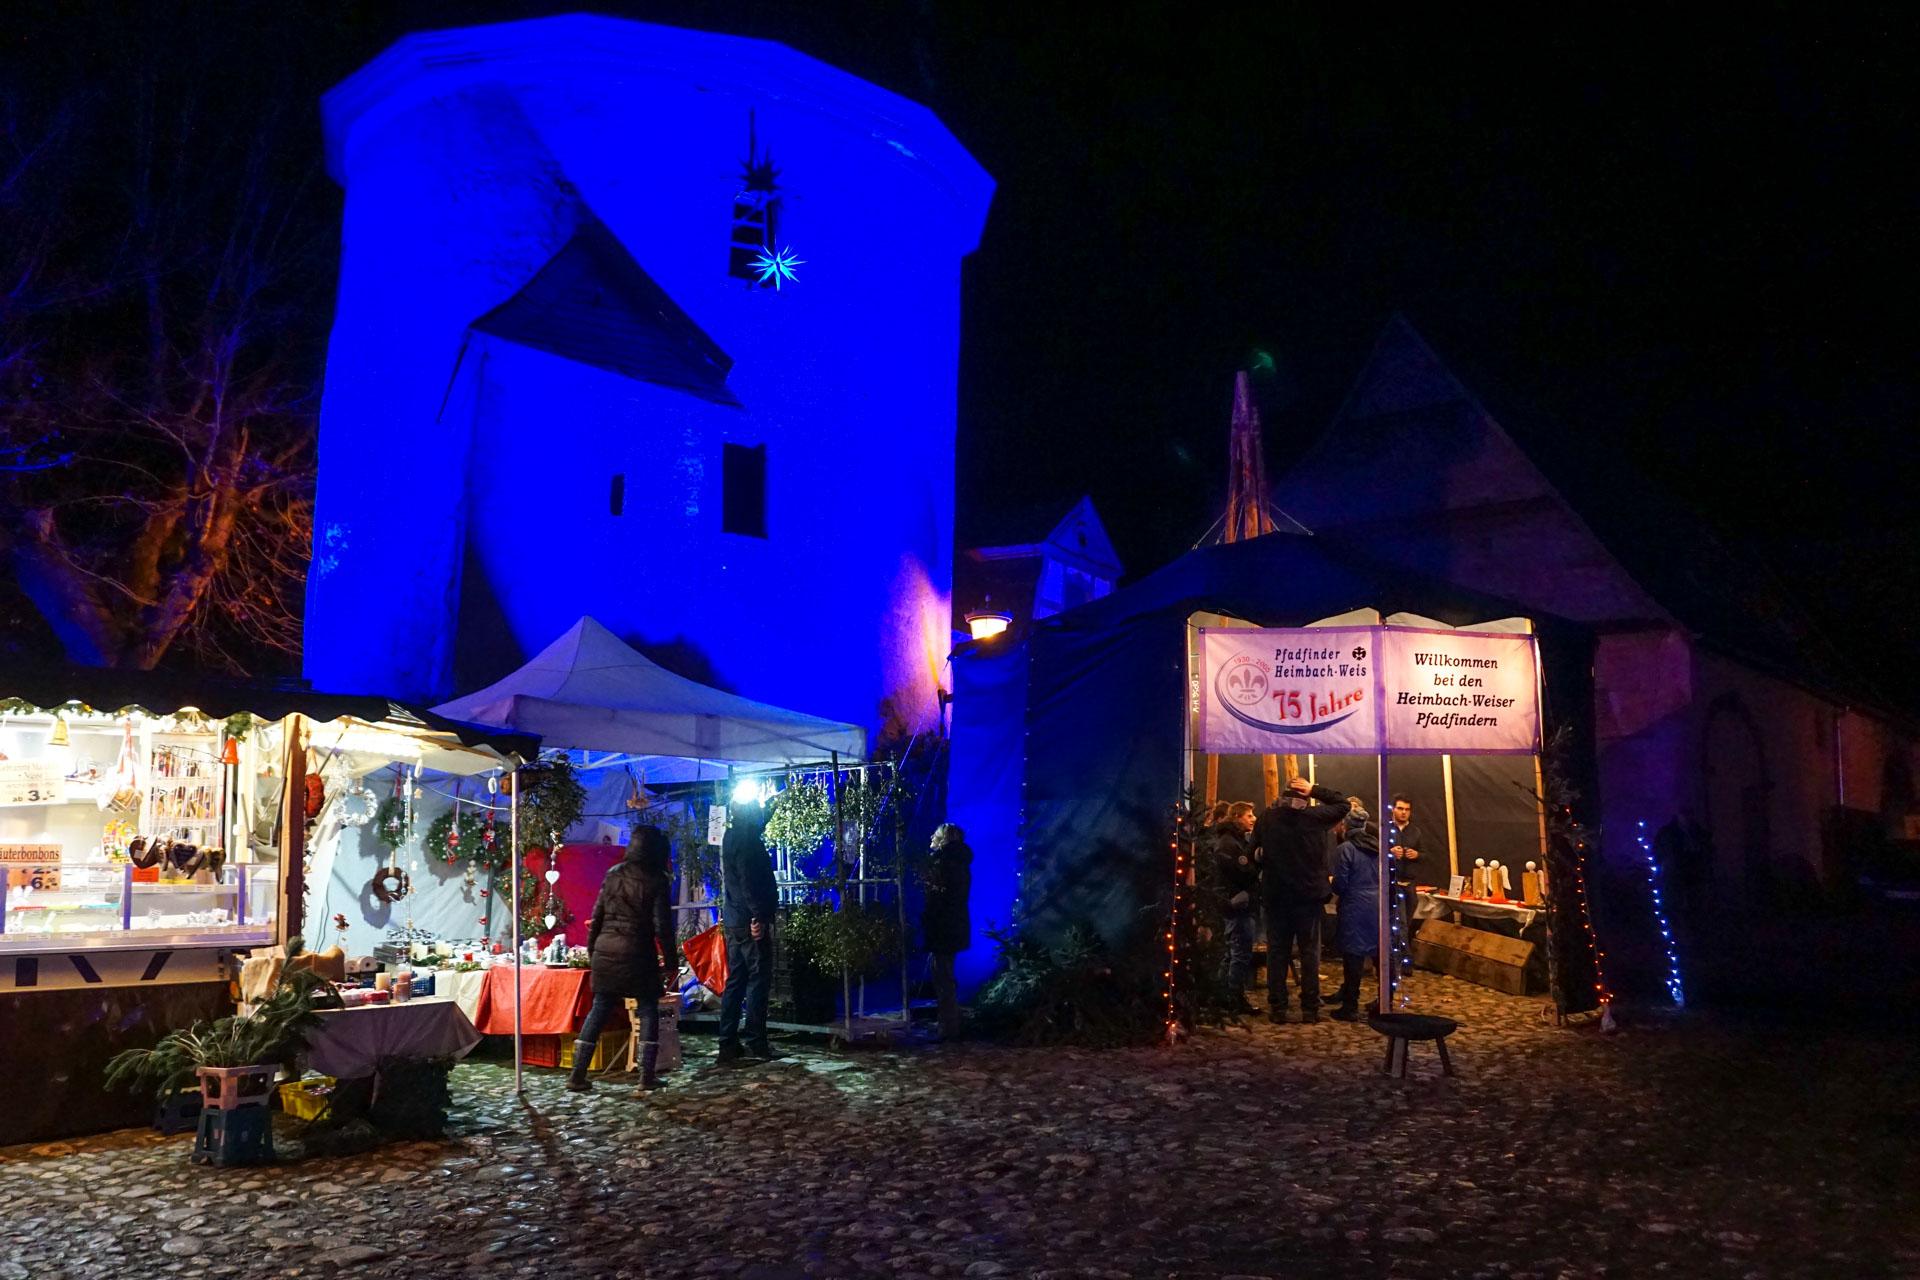 Pfadfinder Heimbach-Weis auf dem Weihnachtsmarkt in Rommersdorf